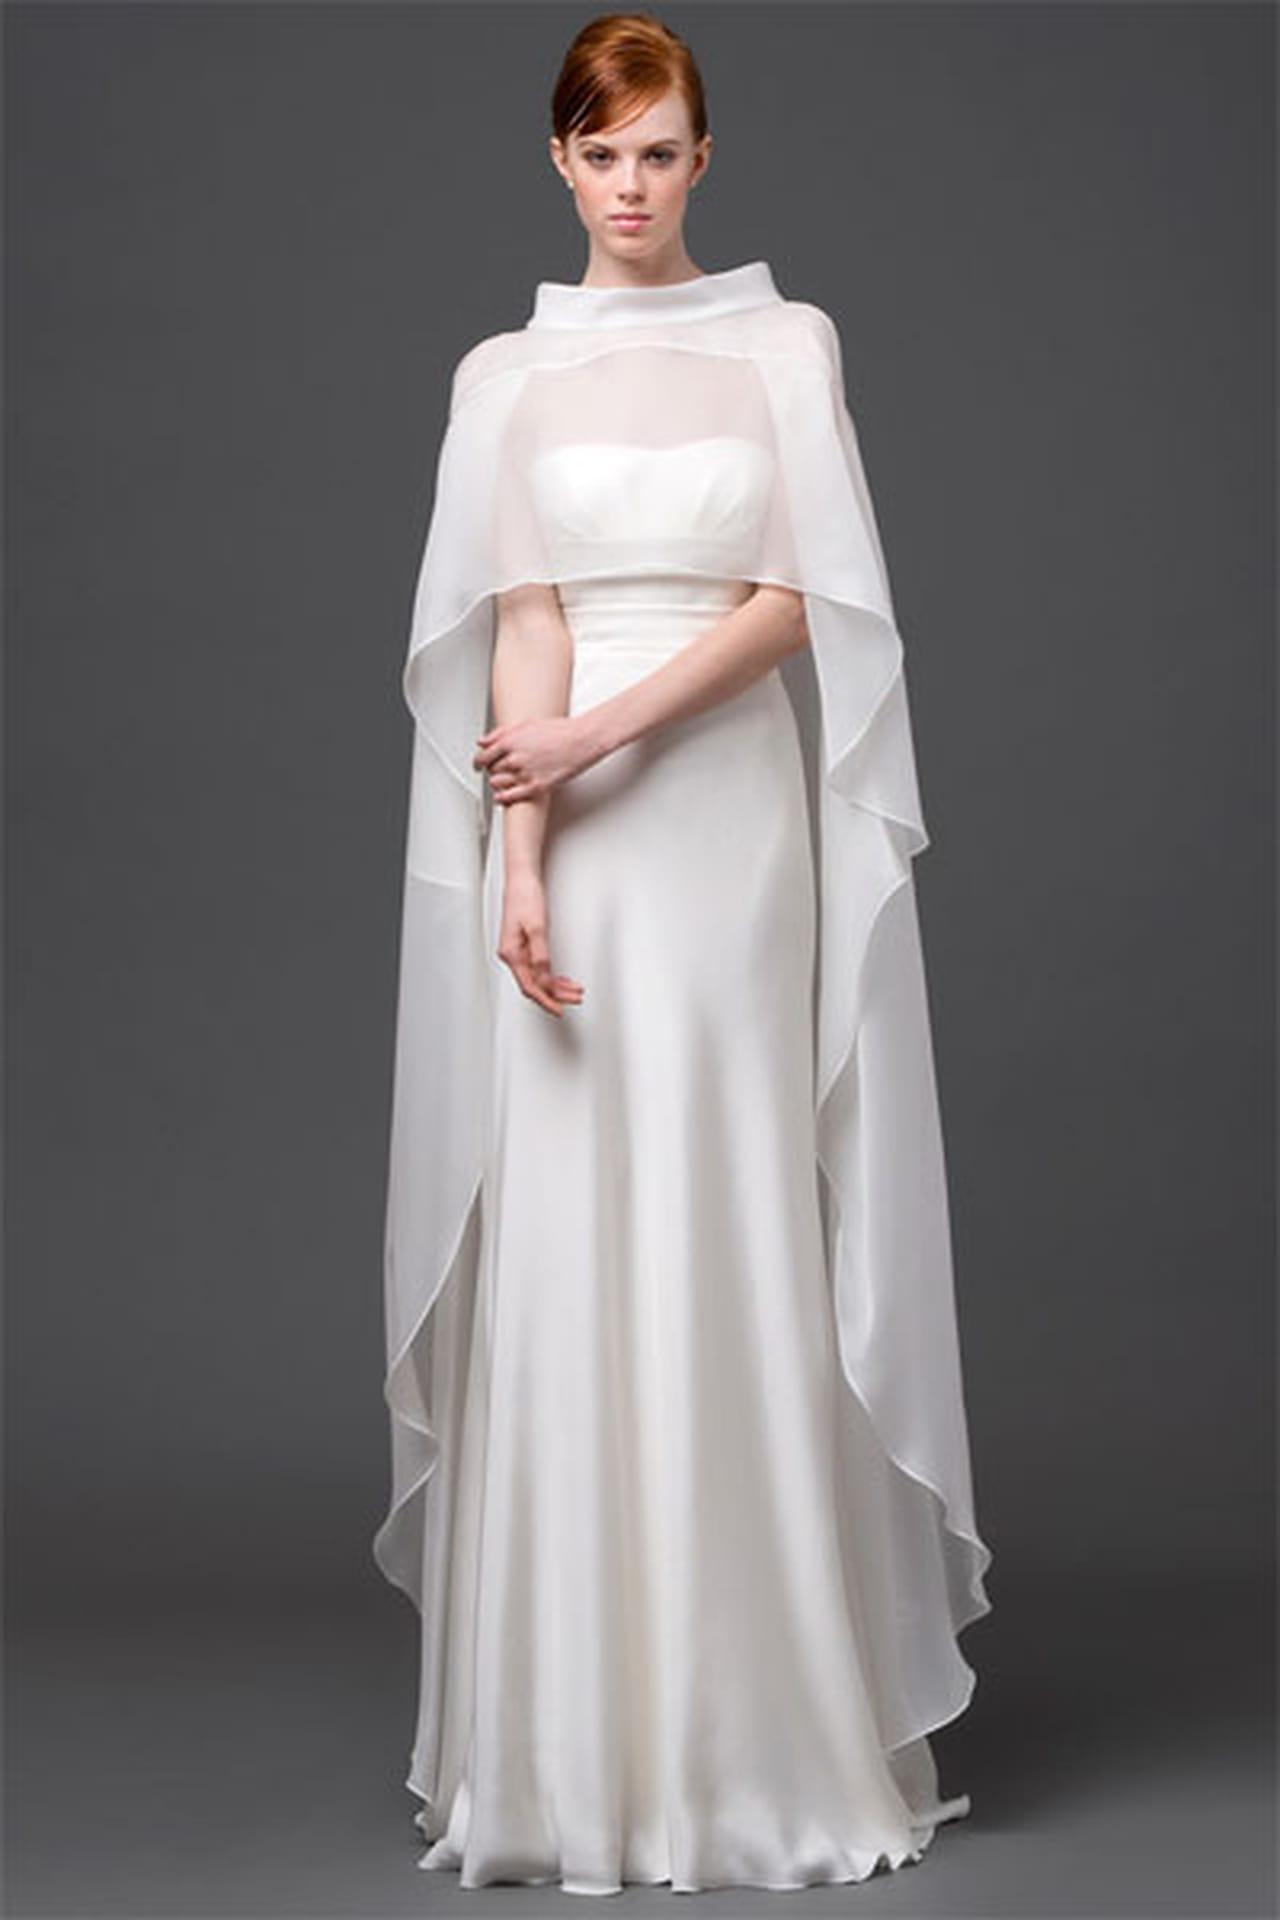 فساتين زفاف البرتا فيريتي 819877